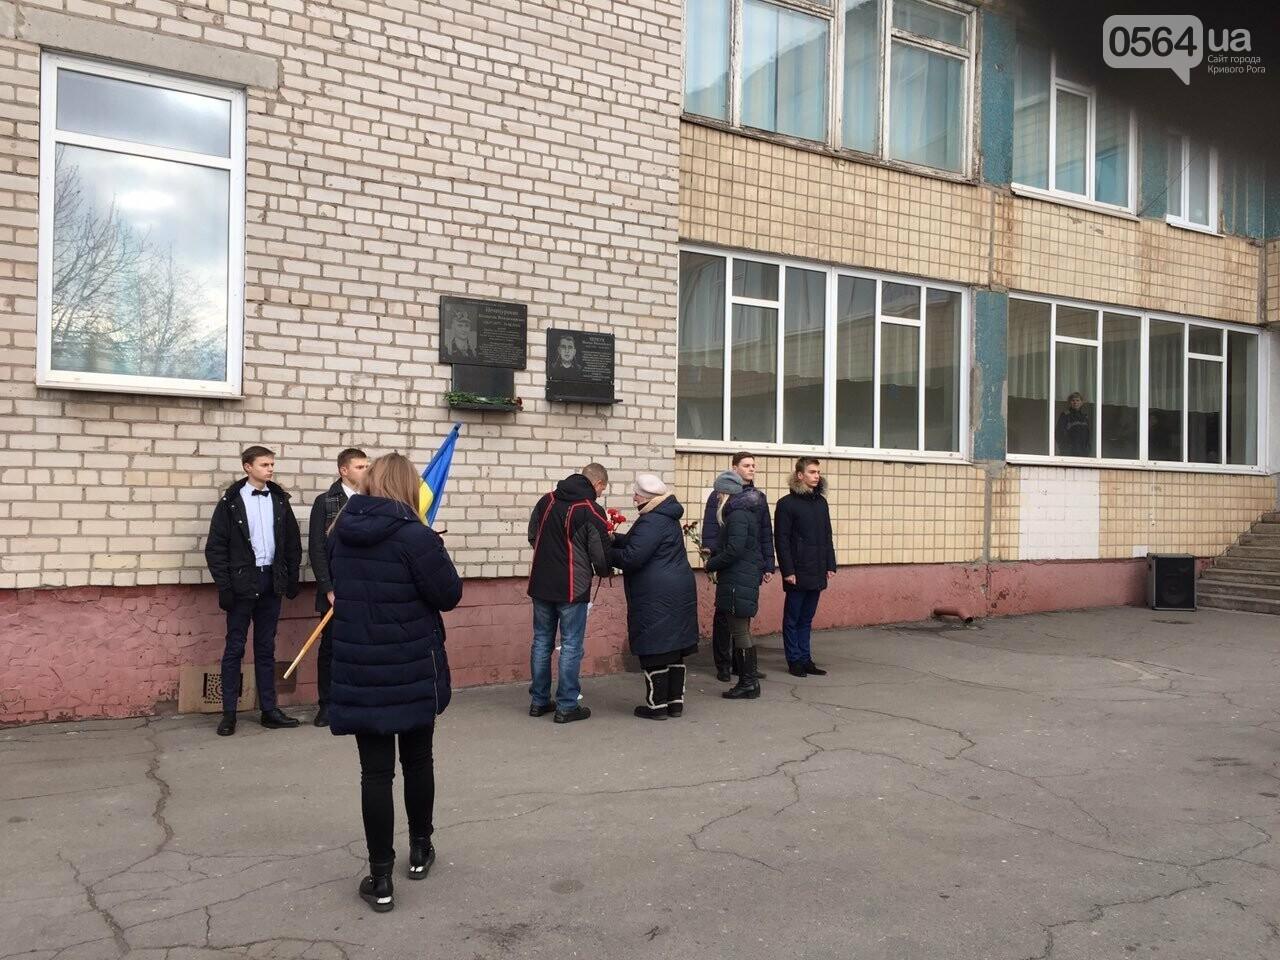 В криворожской школе открыли мемориальную доску в память о героически погибшем выпускнике - ФОТО, фото-8